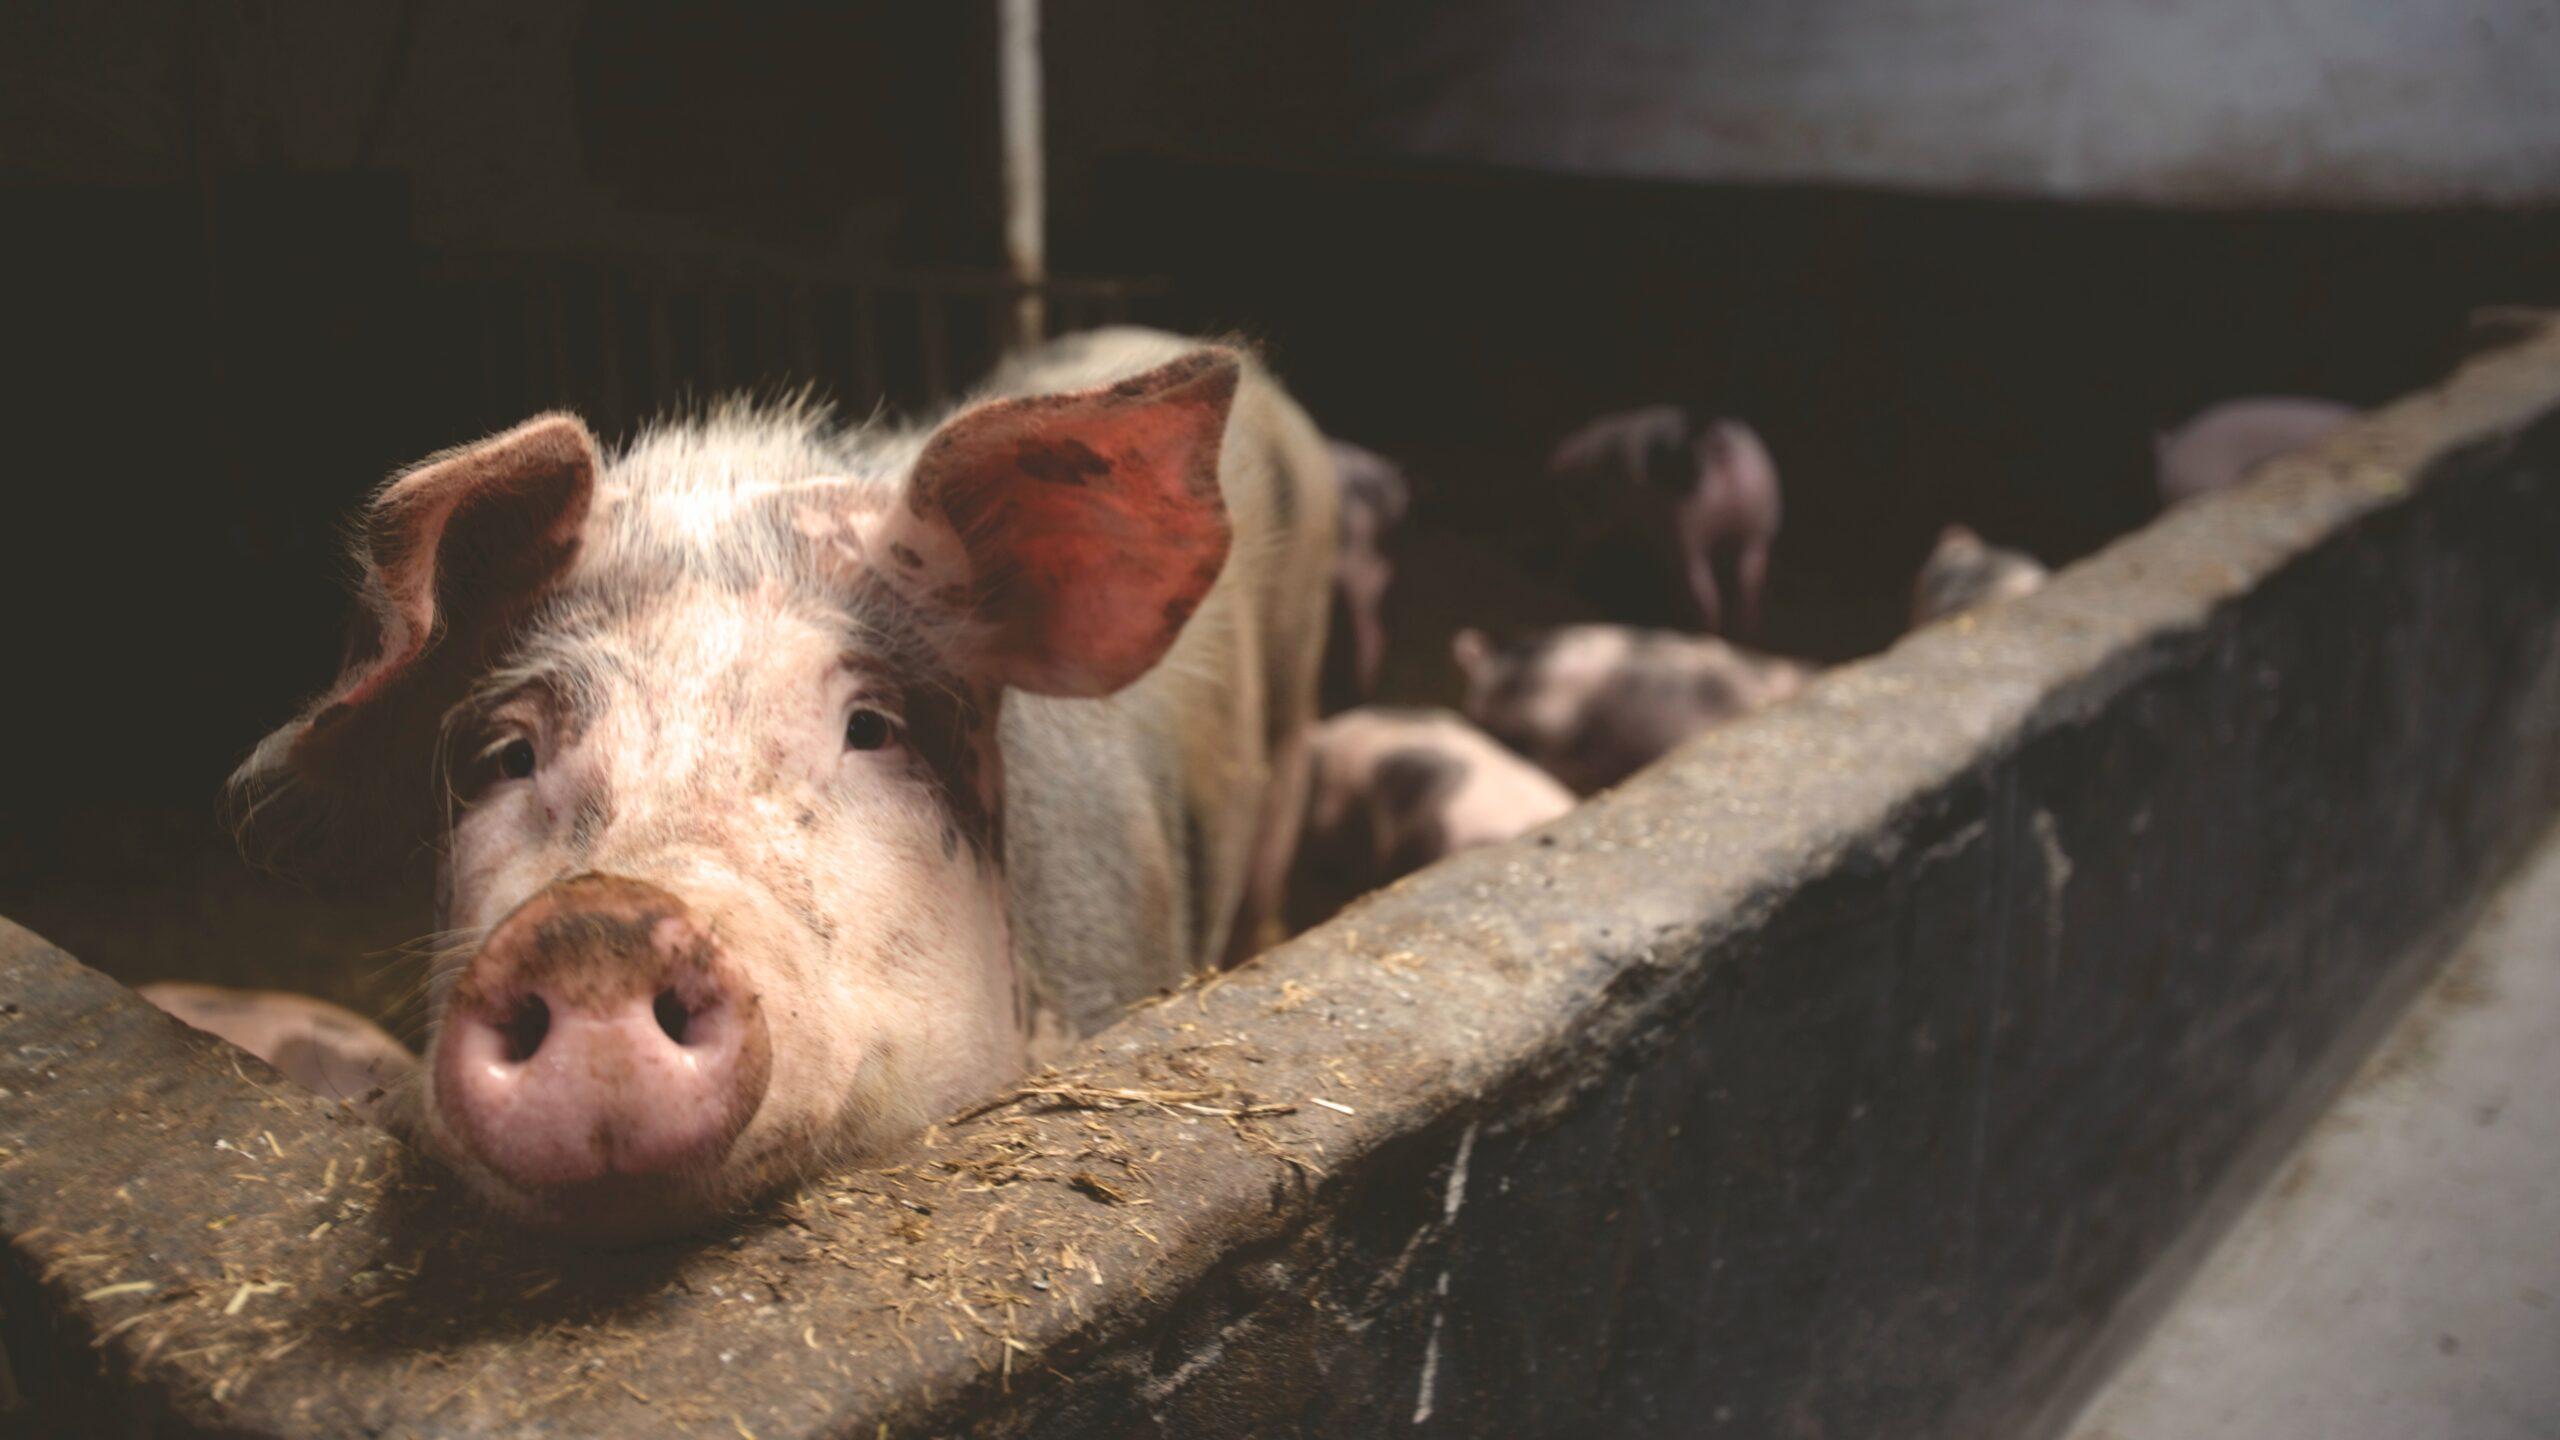 Organizacje prozwierzęce chcą zakazu transportu żywych zwierząt na duże odległości